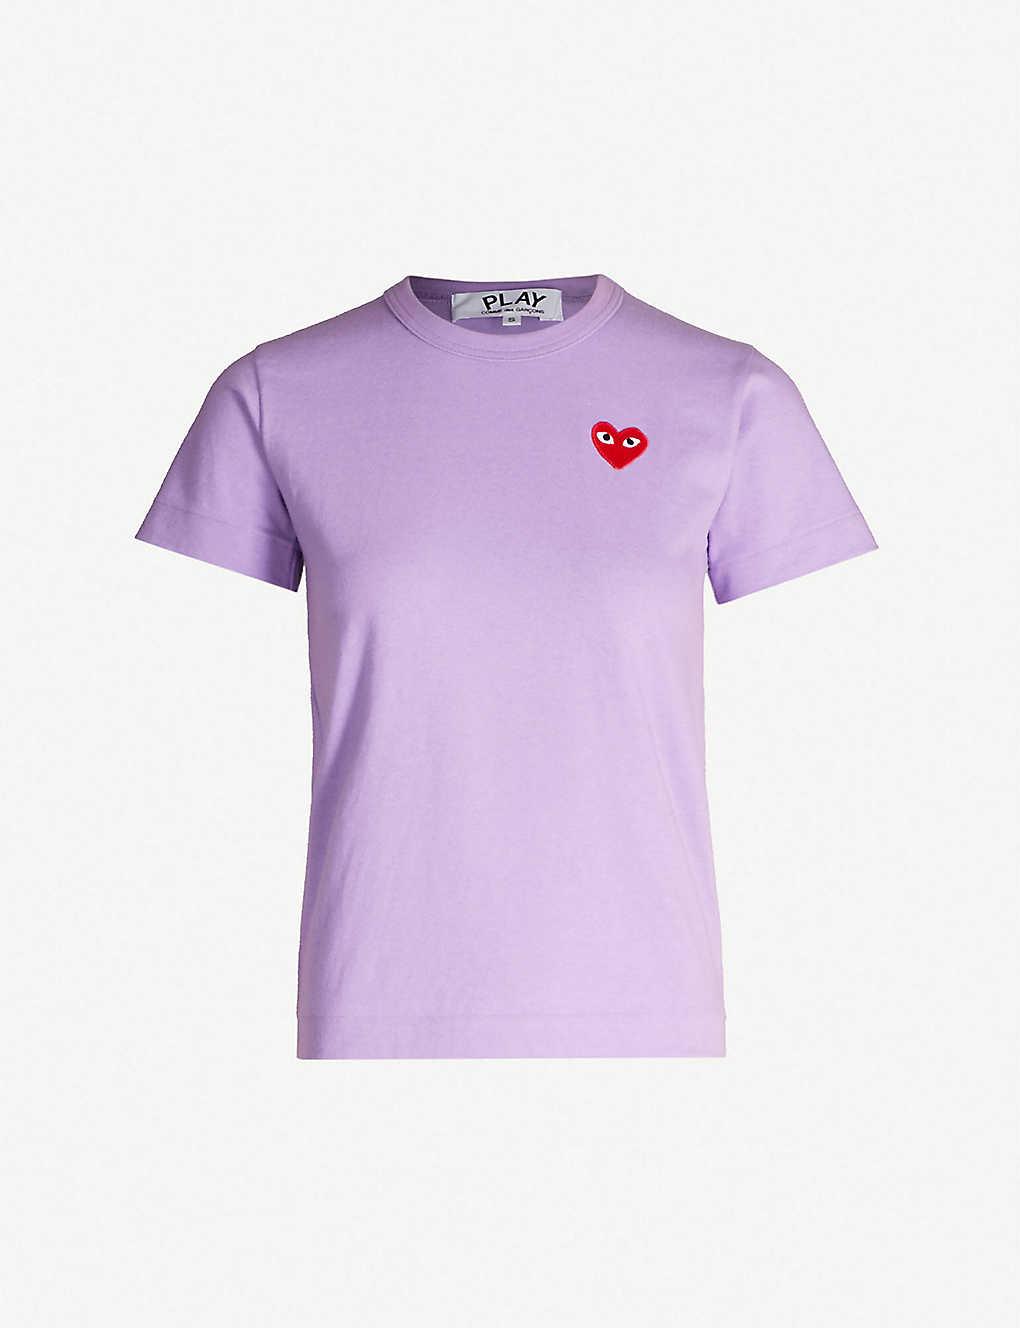 6e2c7d4e1cf COMME DES GARCONS PLAY - Heart-shaped logo appliqué cotton T-shirt ...